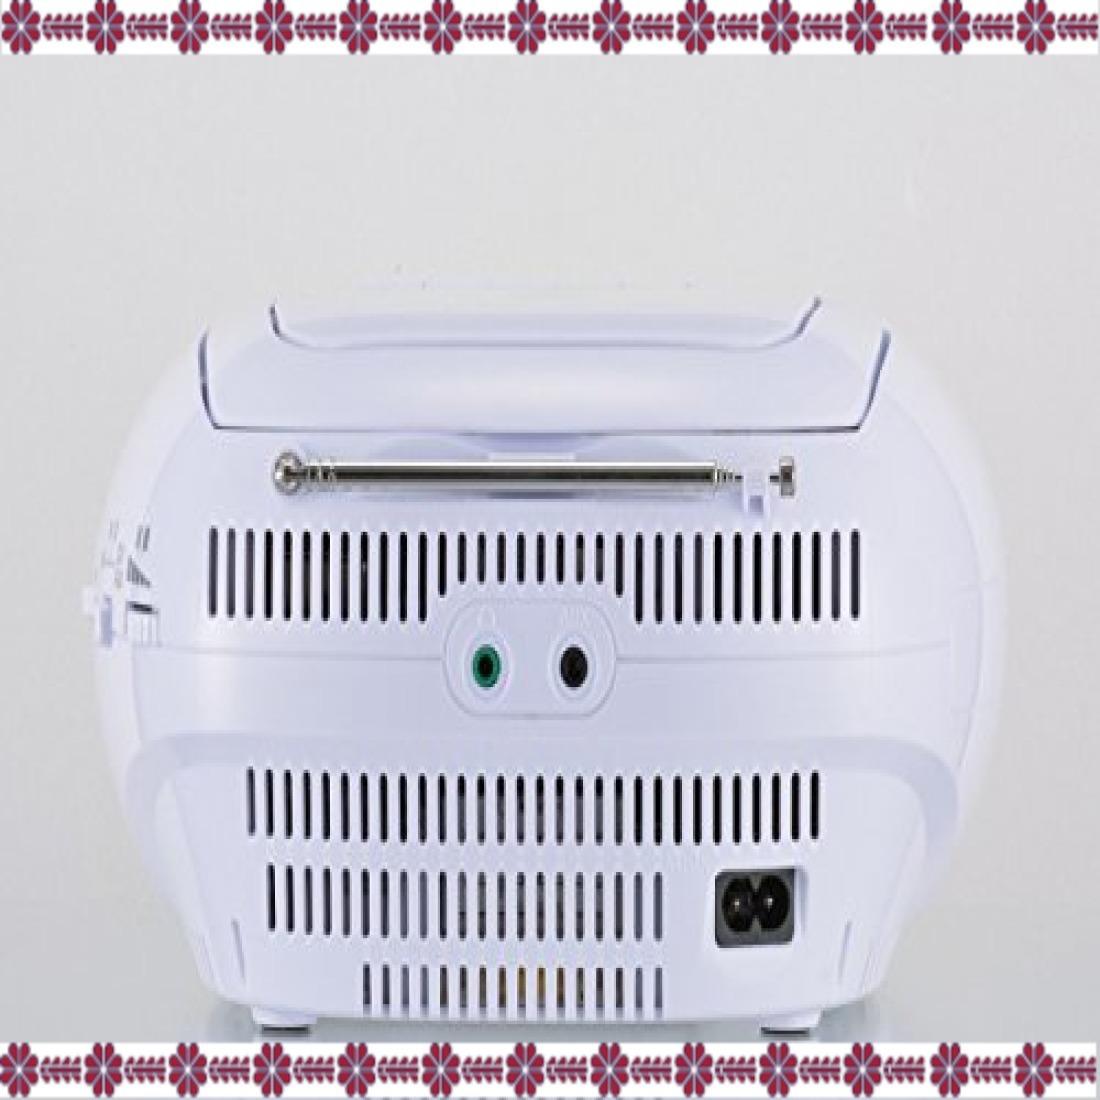 ホワイト 幅231×高さ116×奥行218mm オーム電機 Audio Comm CDラジオ871Z RCR-871Z ホワイト_画像3